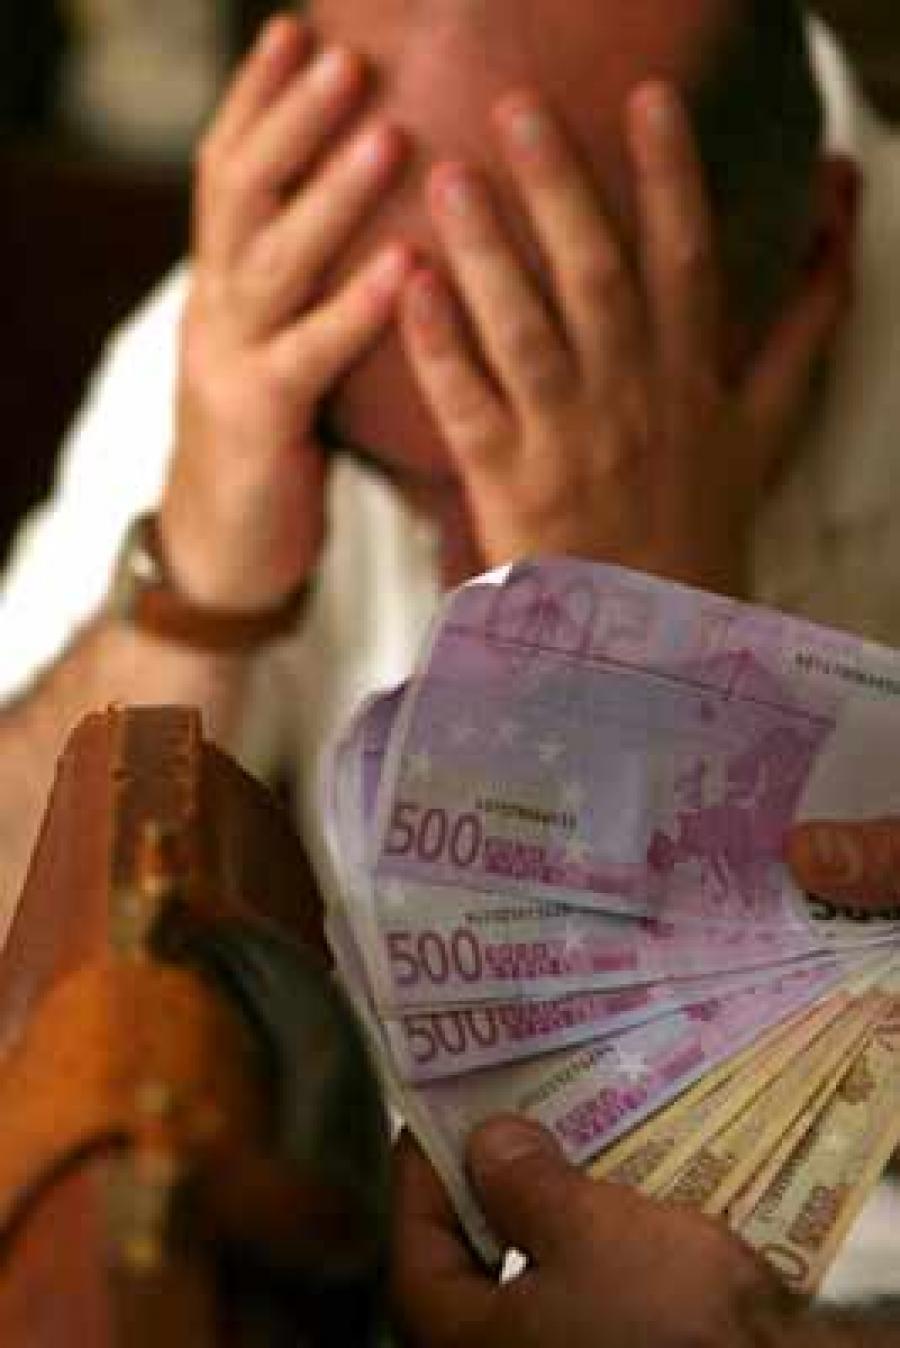 Roma, prestiti usurai alle famiglie: 4 in manette